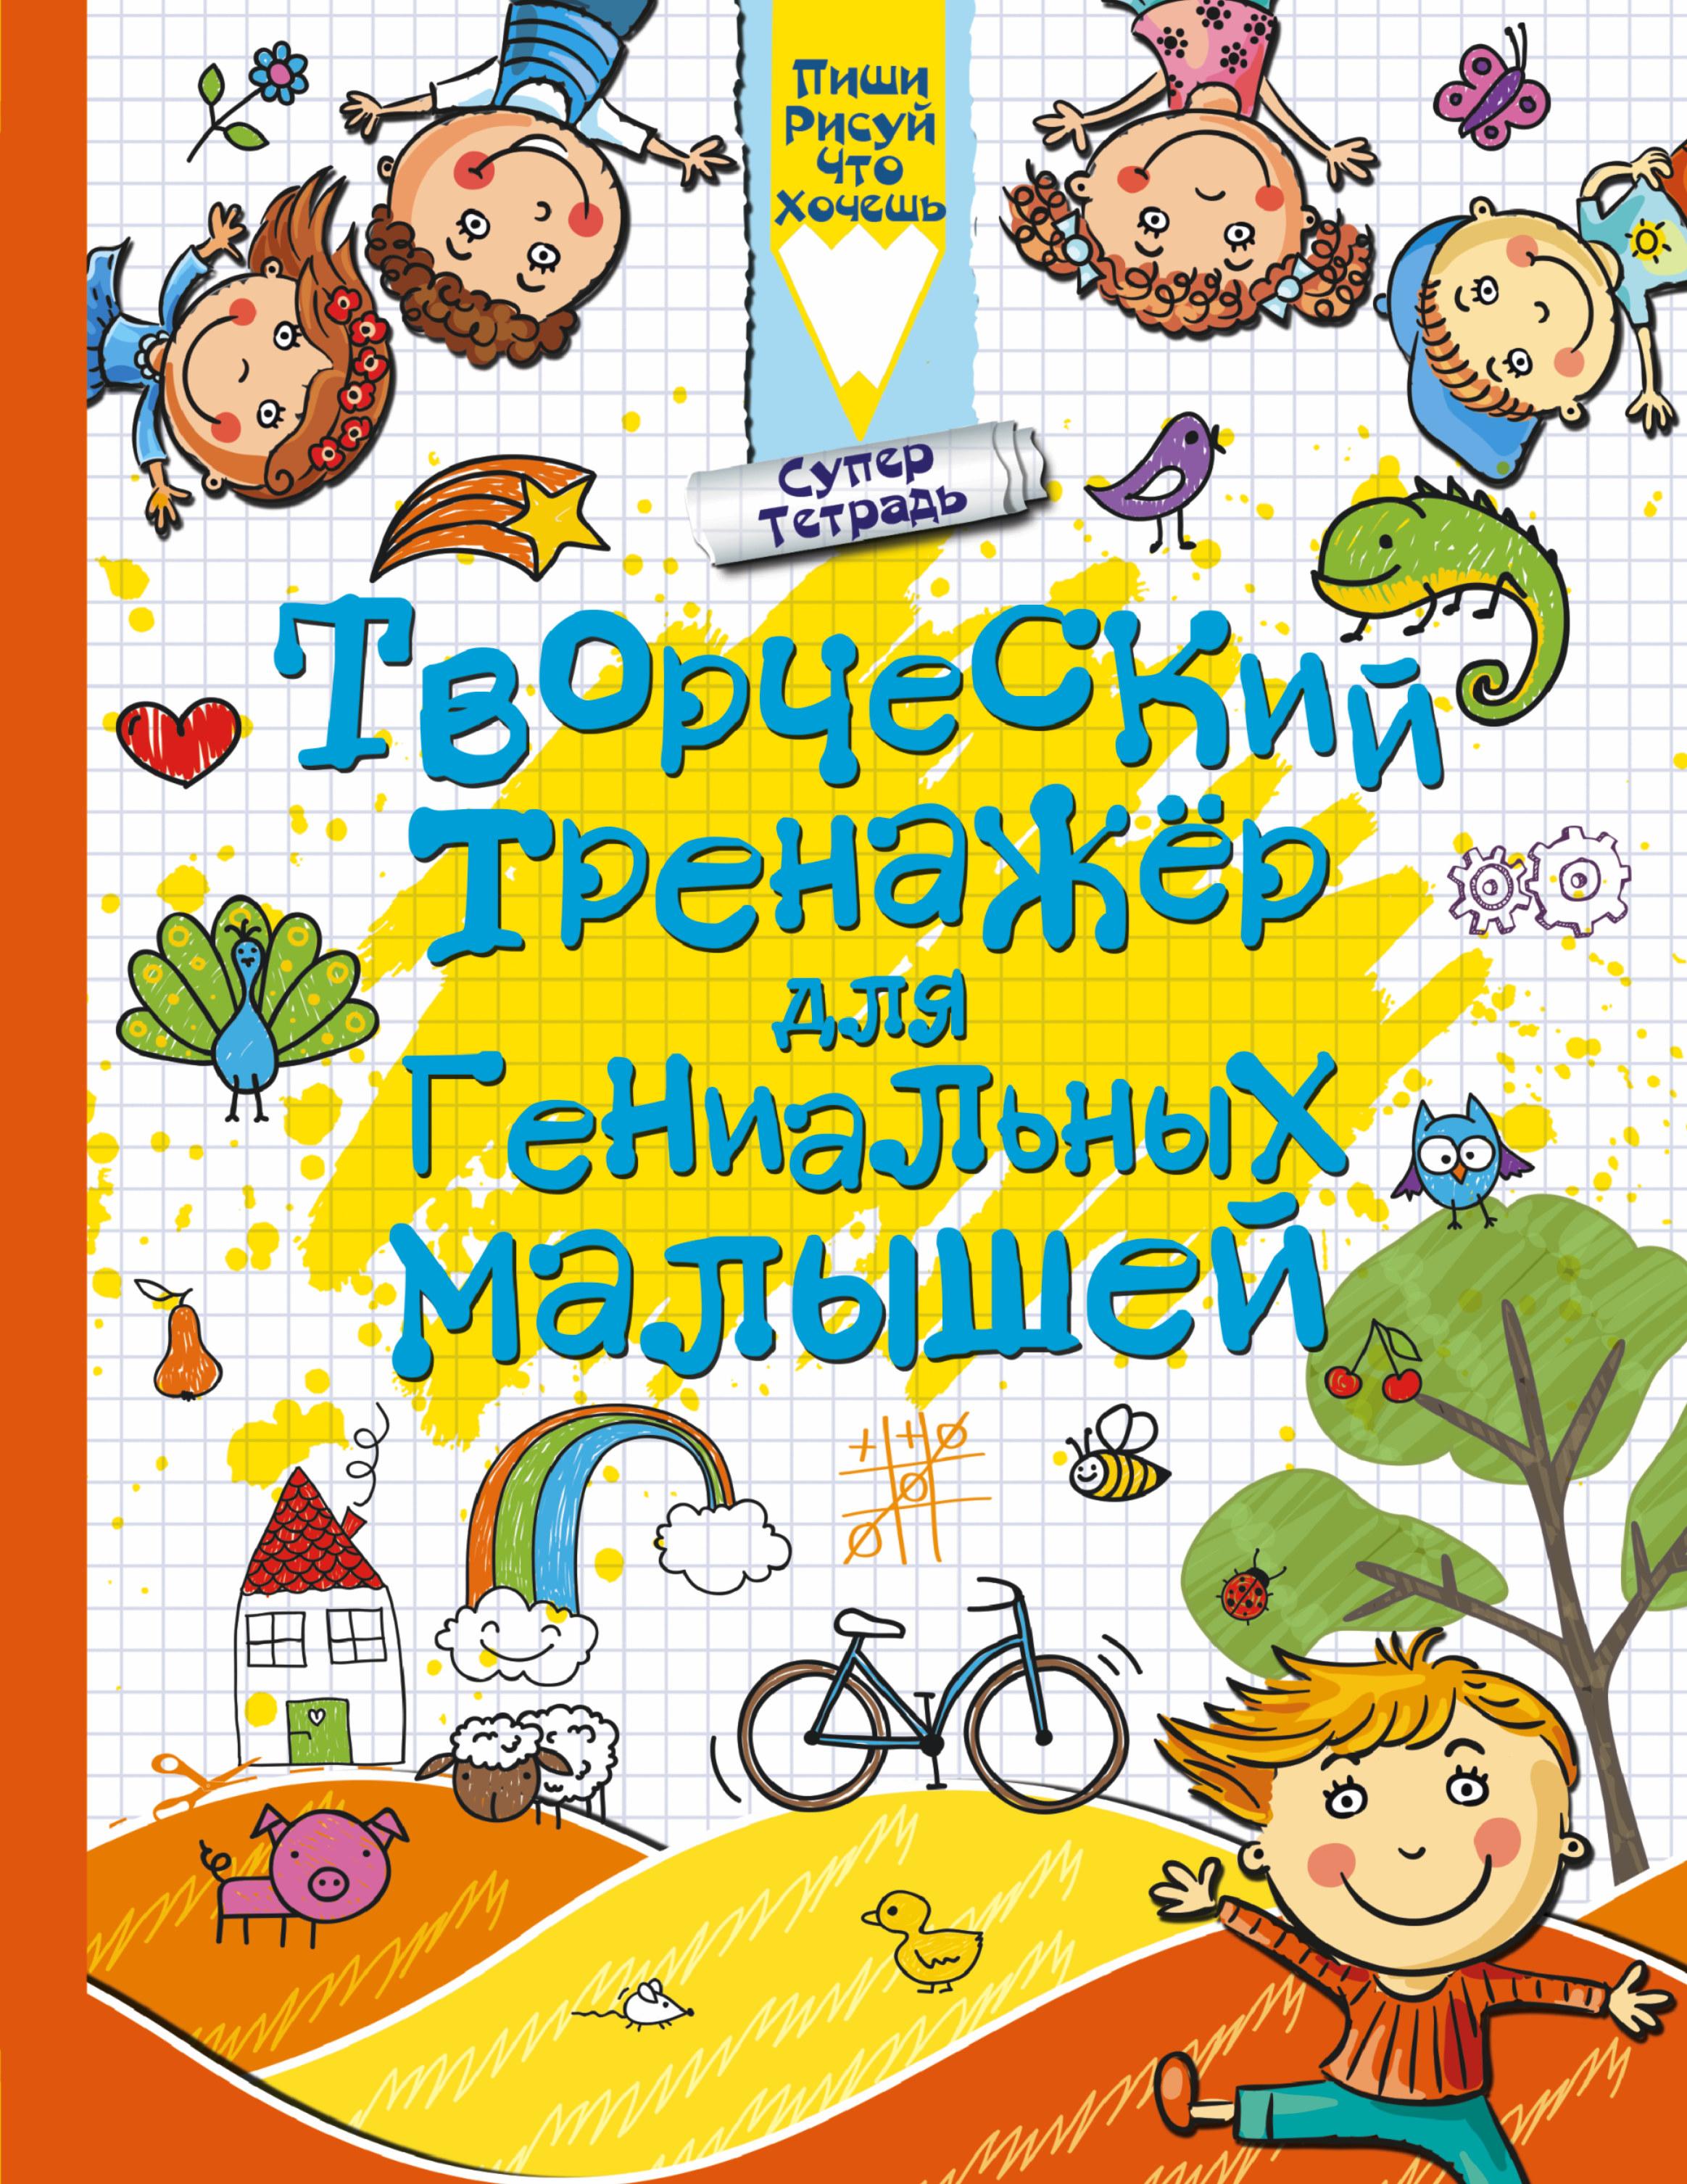 Творческий тренажер для гениальных малышей. Доманская Людмила Васильевна